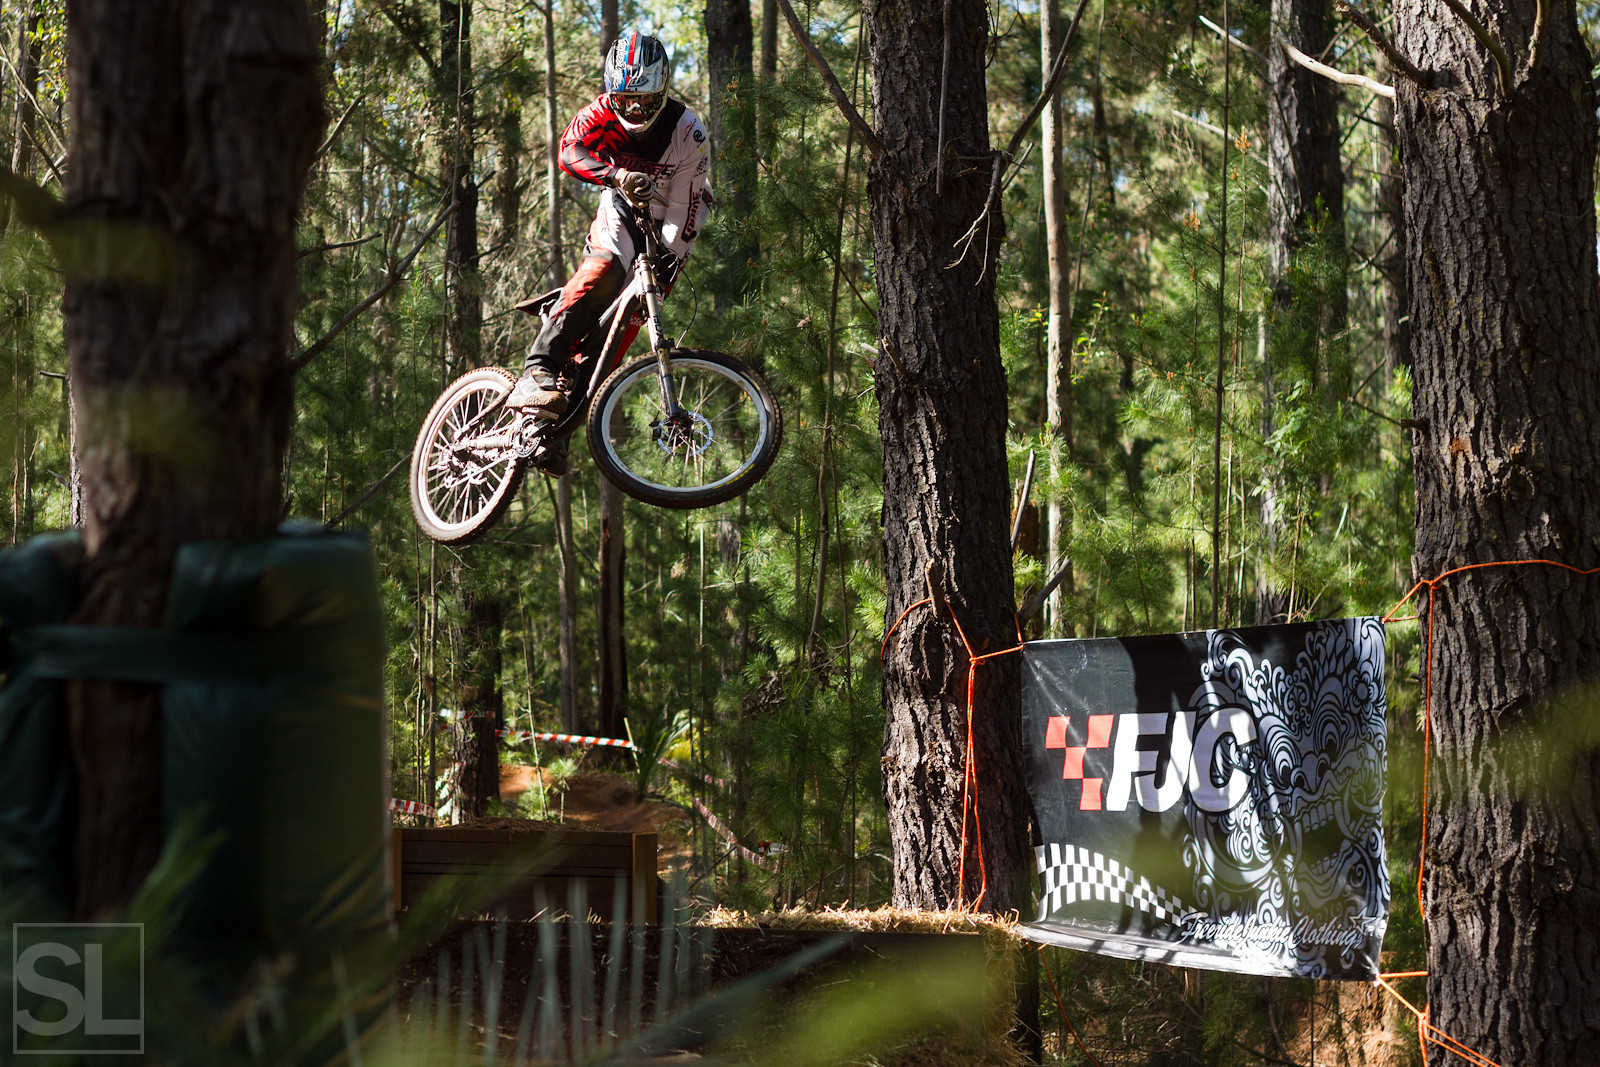 Dwellingup State Champs 2012 - Chamakazi - Mountain Biking Pictures - Vital MTB